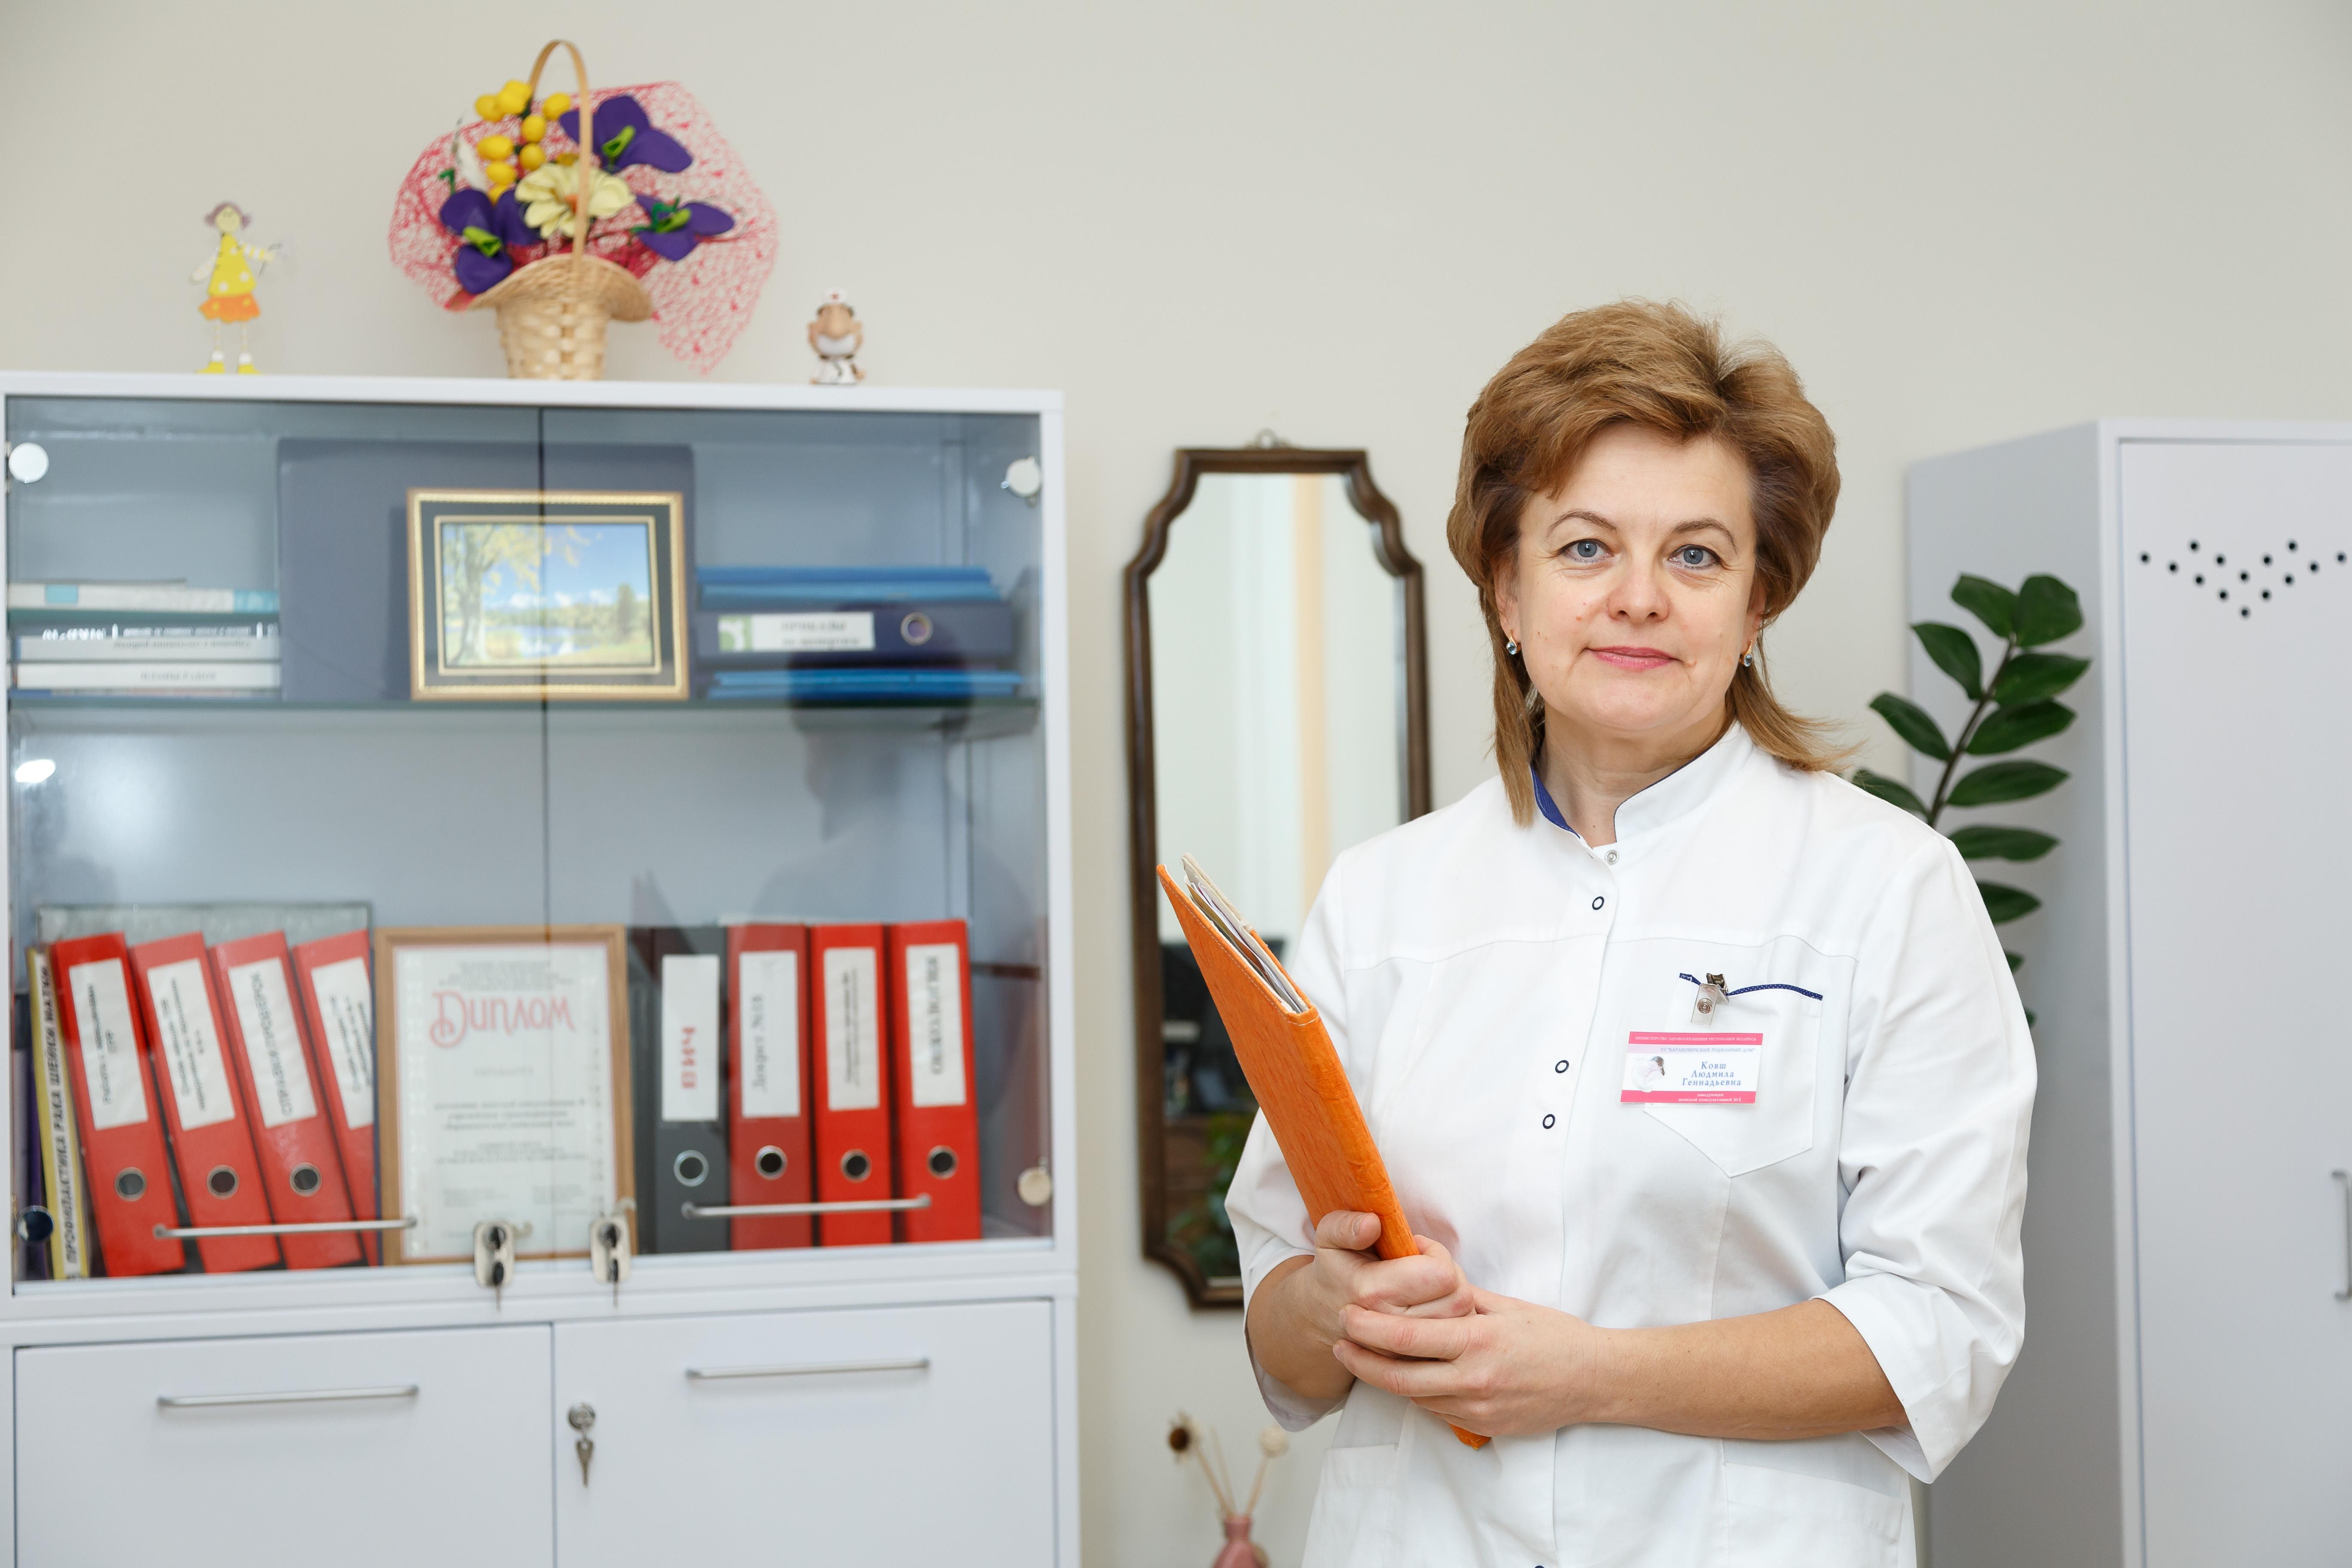 Людмила Ковш считает, что криминальный аборт - гораздо хуже, чем аборт сделанный в больнице. Фото: Александр КОРОБ